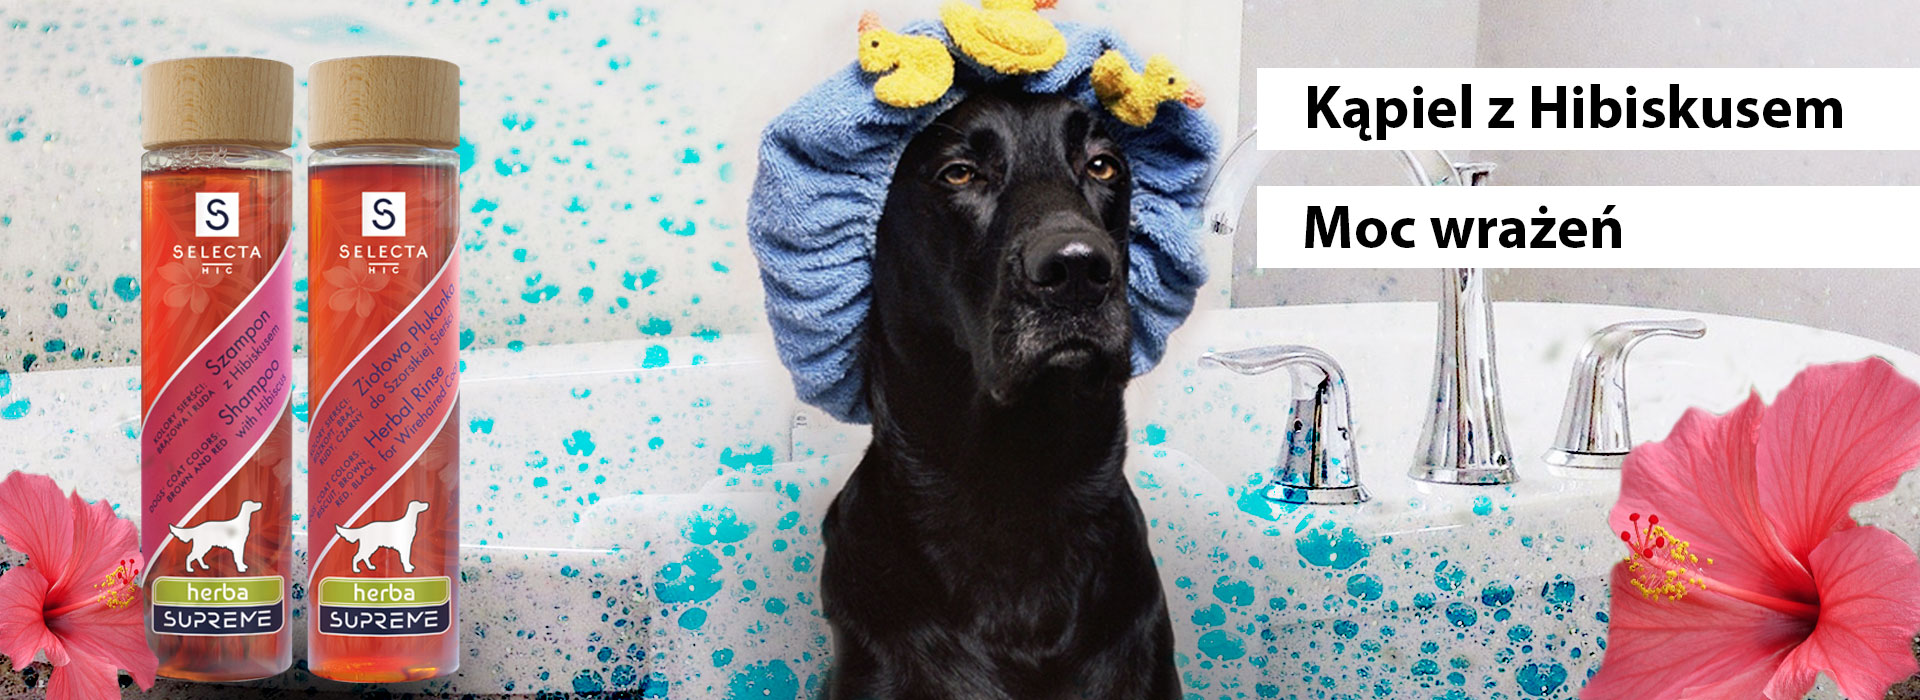 Co daje szampon dla zwierząt z hibiskusem?